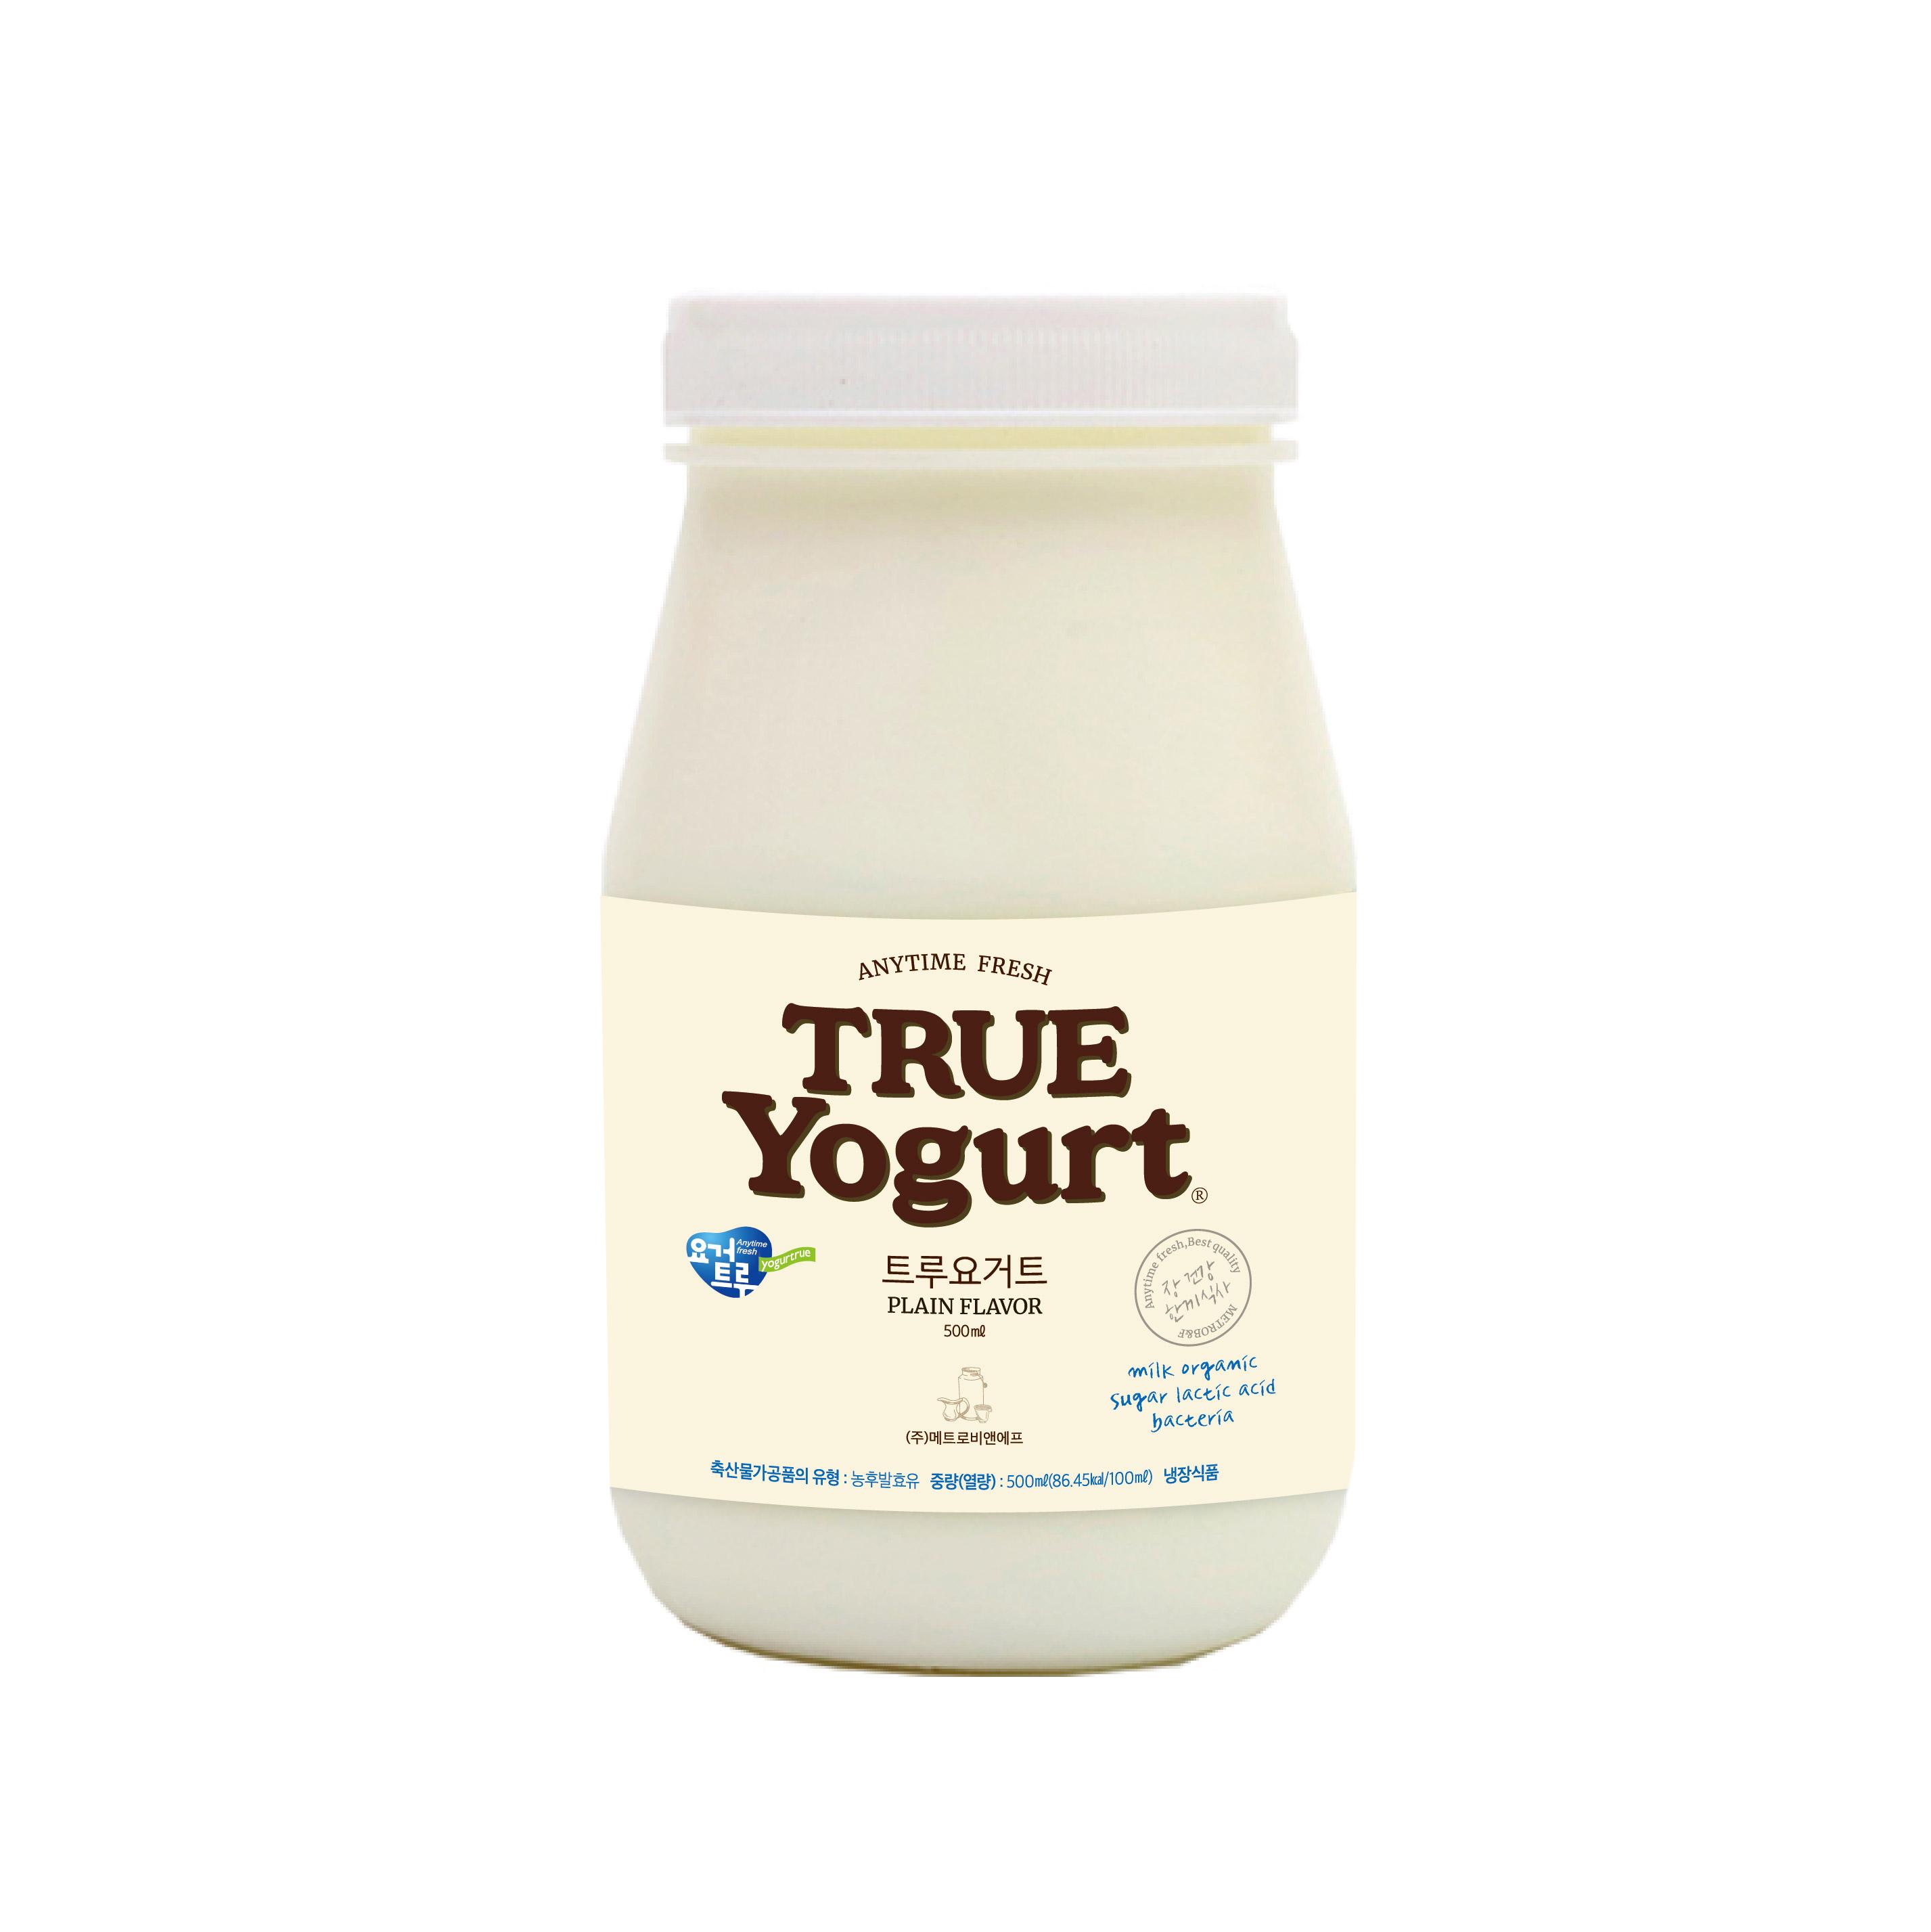 [요거트루] [5개 묶음판매상품] 트루요거트 500g 진한 요거트의 기분좋은 맛 대표이미지 섬네일